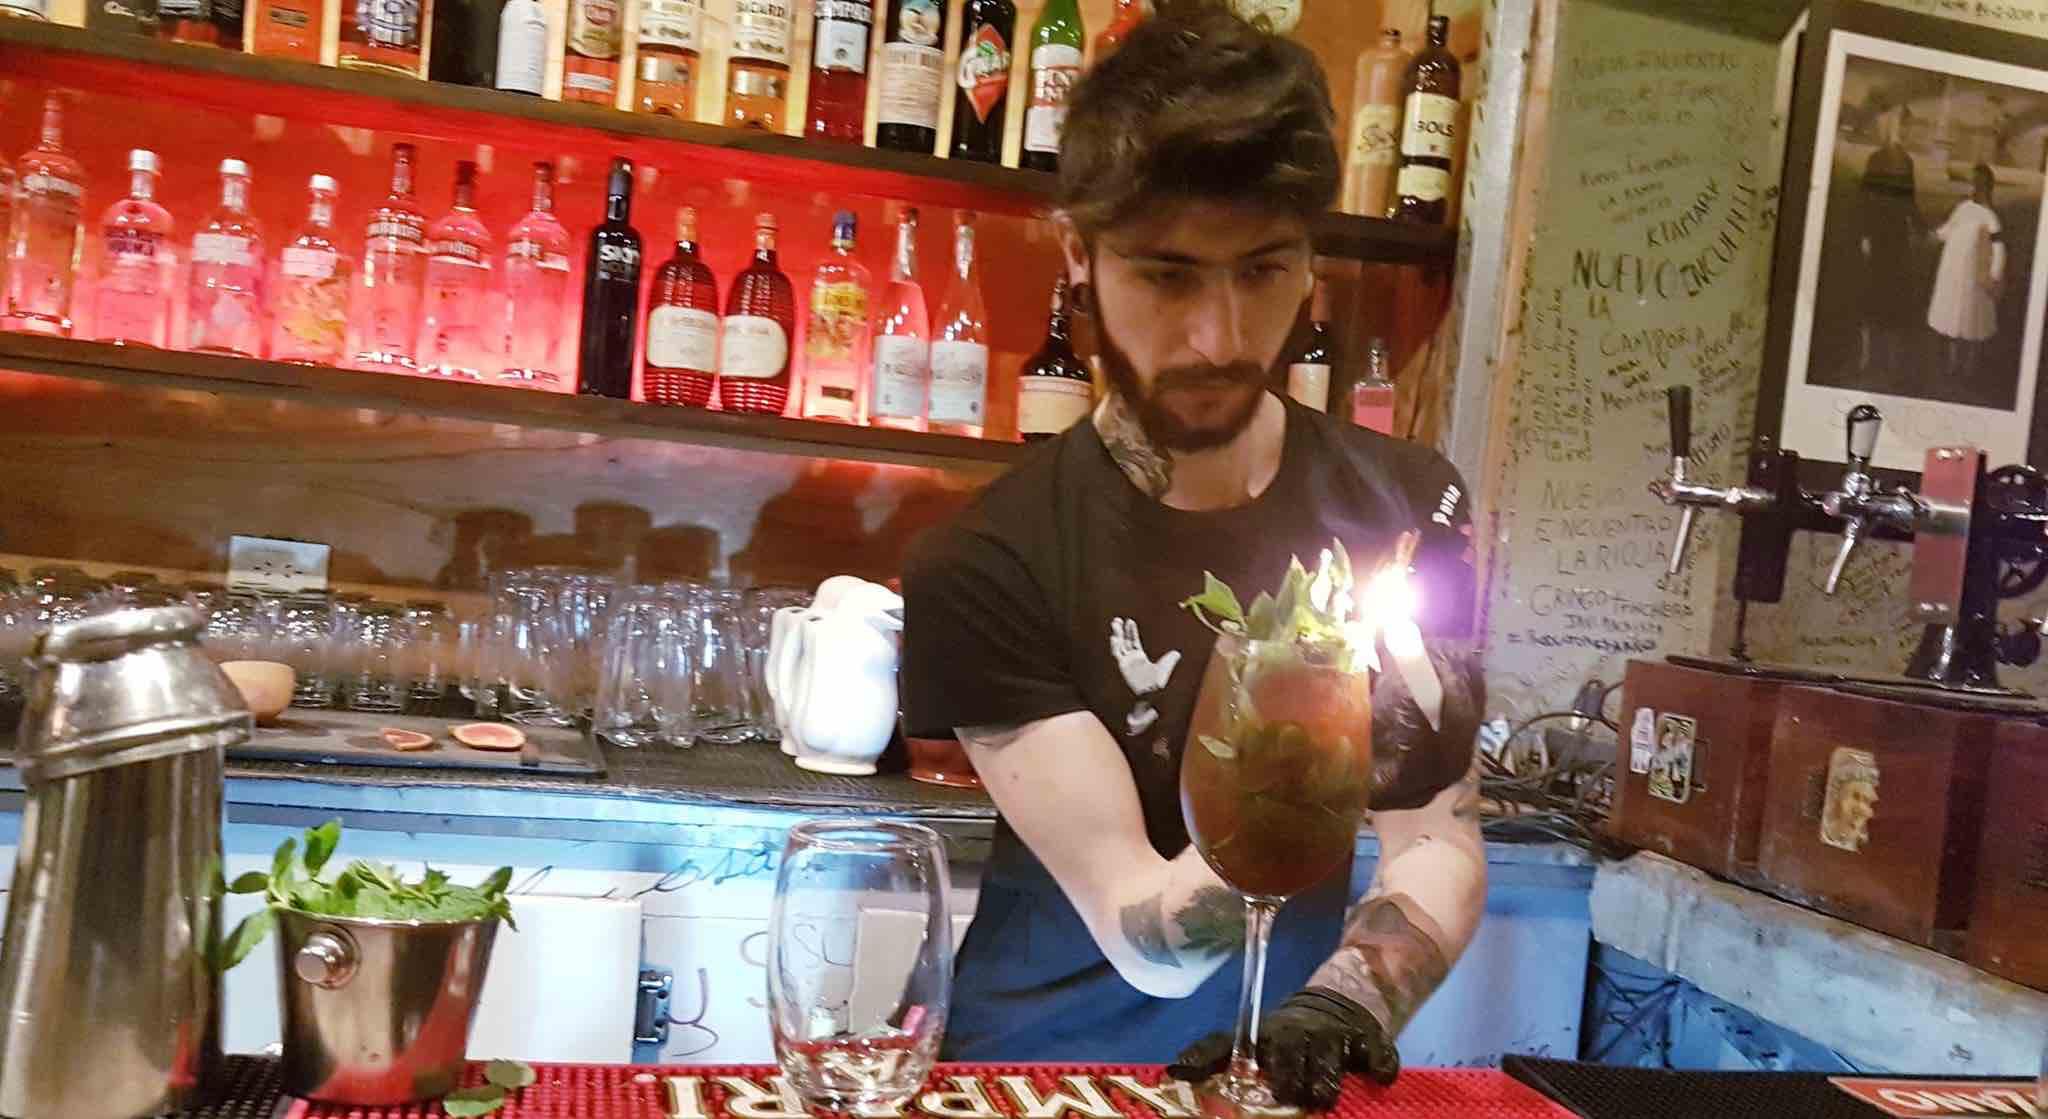 Siste Cocktail: Baren på Peron Peron er et historisk sted - også for nattens siste cocktail.